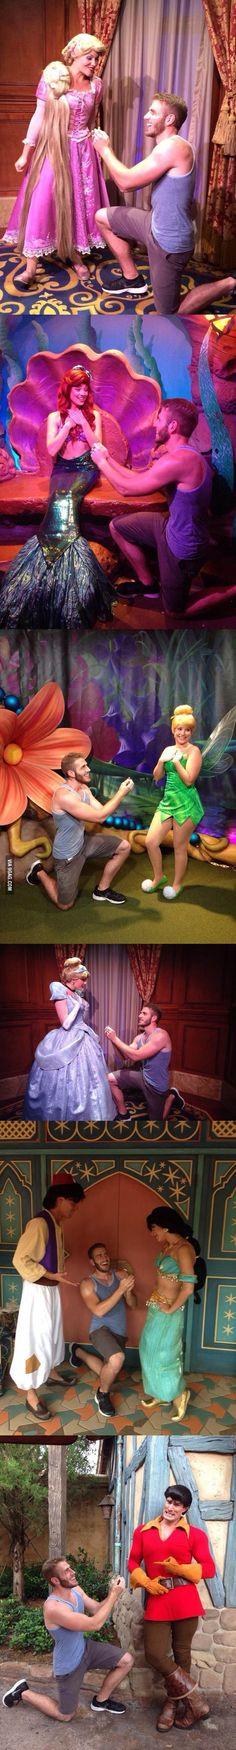 Guy proposes to various Disney characters at Disney World. Haha